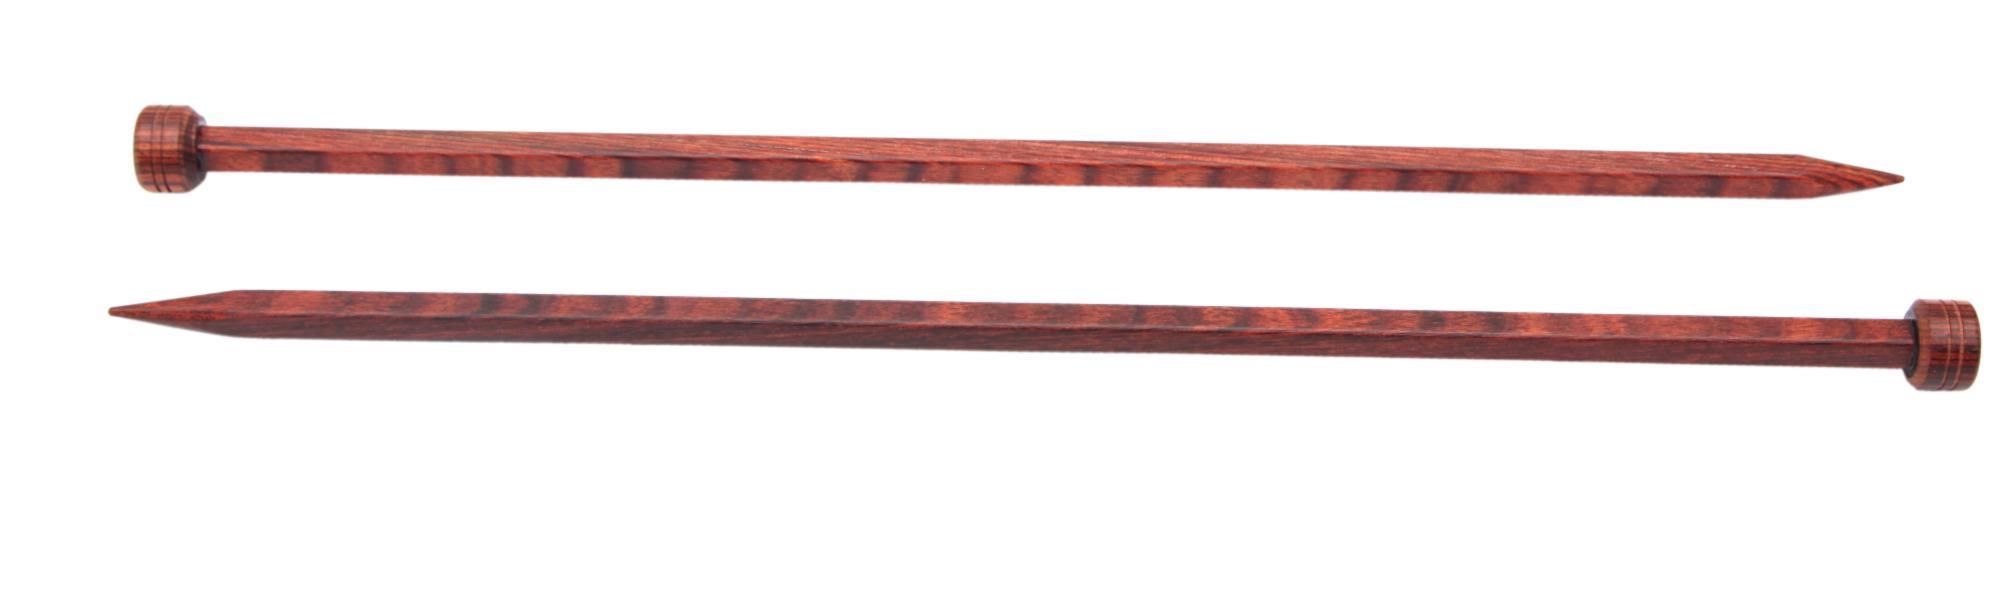 Спицы прямые 25 см Cubics Symfonie-Rose KnitPro, 25241, 6.50 мм